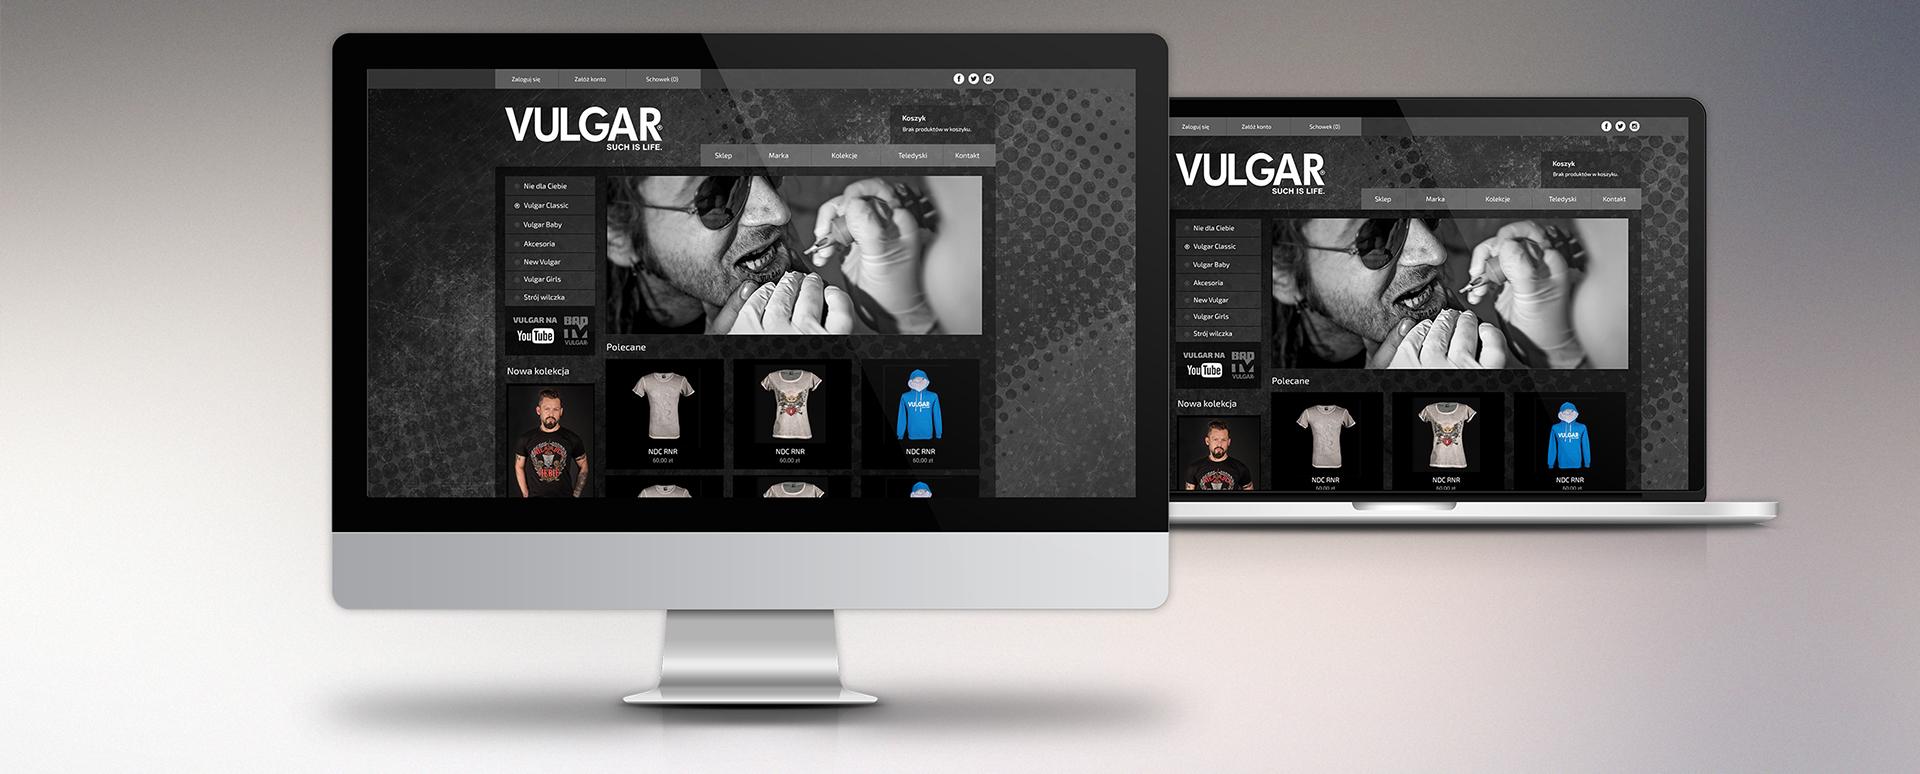 Sklep internetowy z odzieżą marki Vulgar